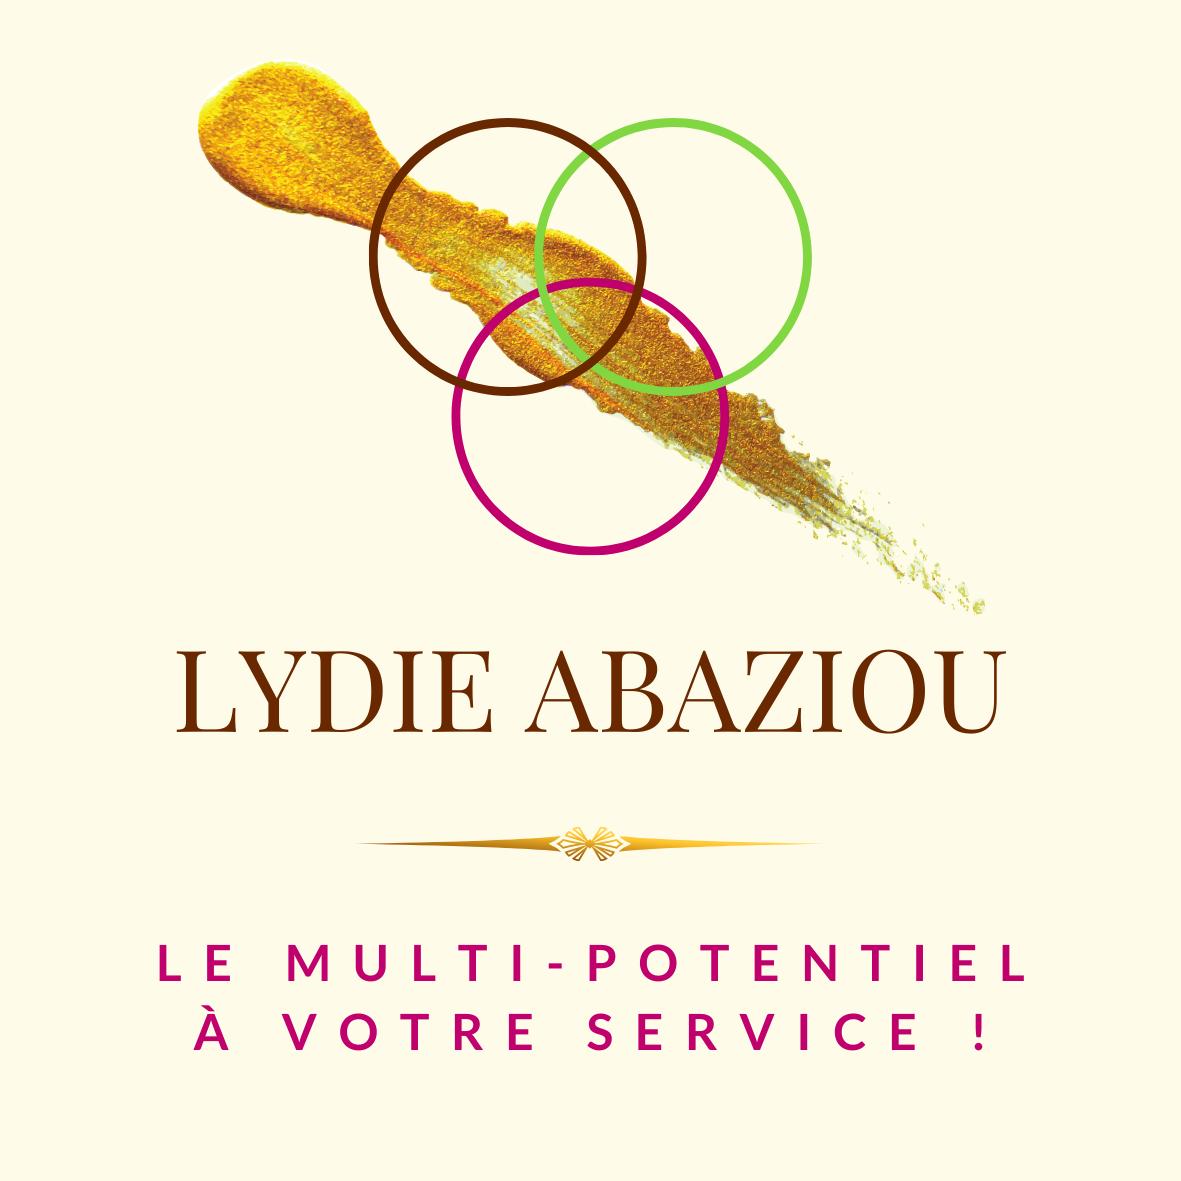 Lydie Abaziou